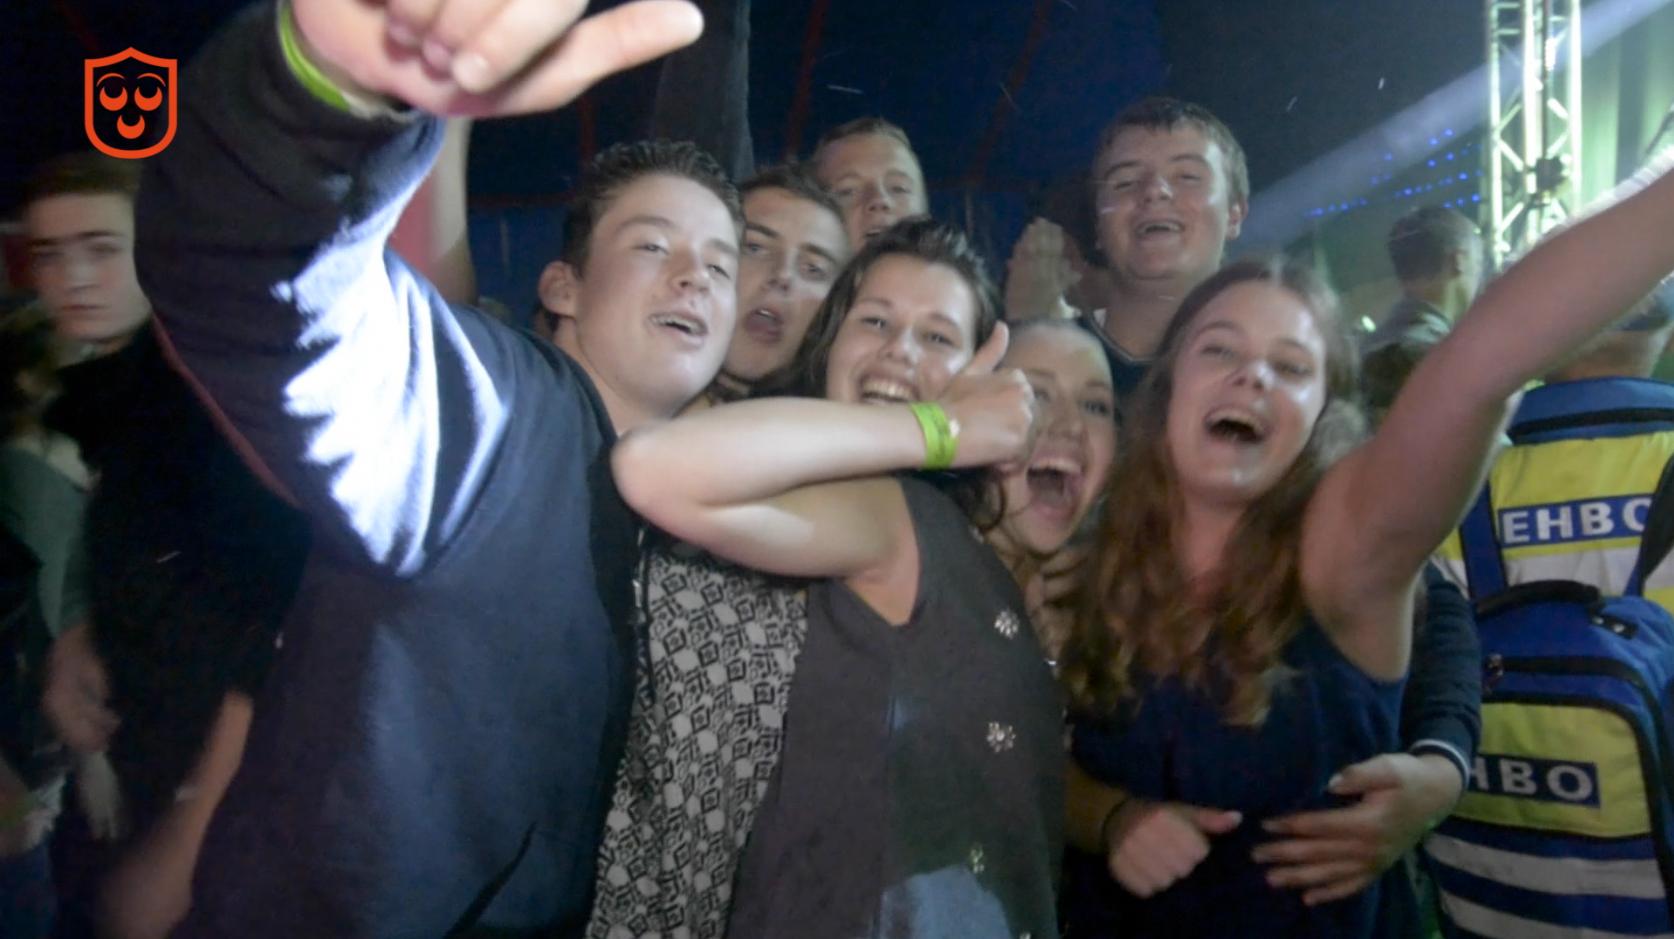 [VIDEO] Vrijdagavond Oosteinds Spektakel een groot feest